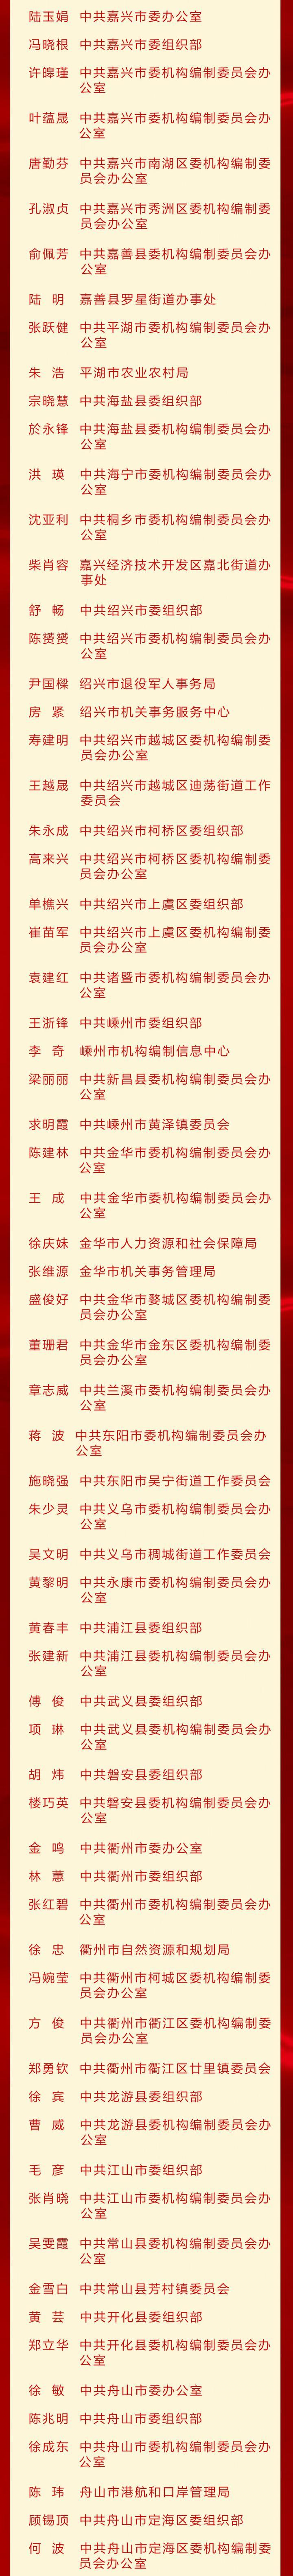 名单zhongji改改改改_05.jpg